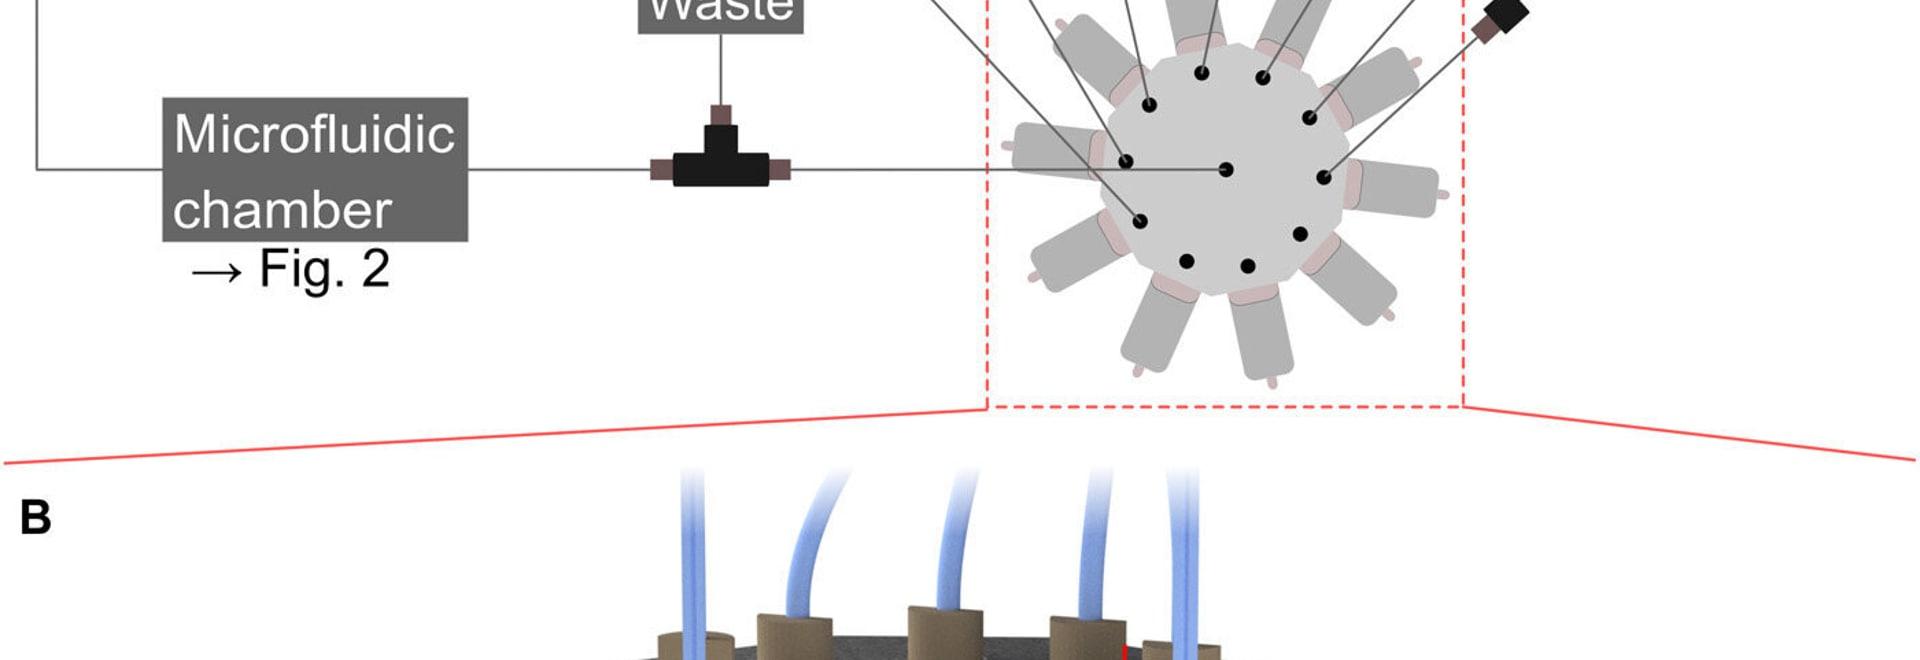 Los investigadores integran el sistema microfluidic en la impresora de DLW 3D para nanoprinting multimaterial